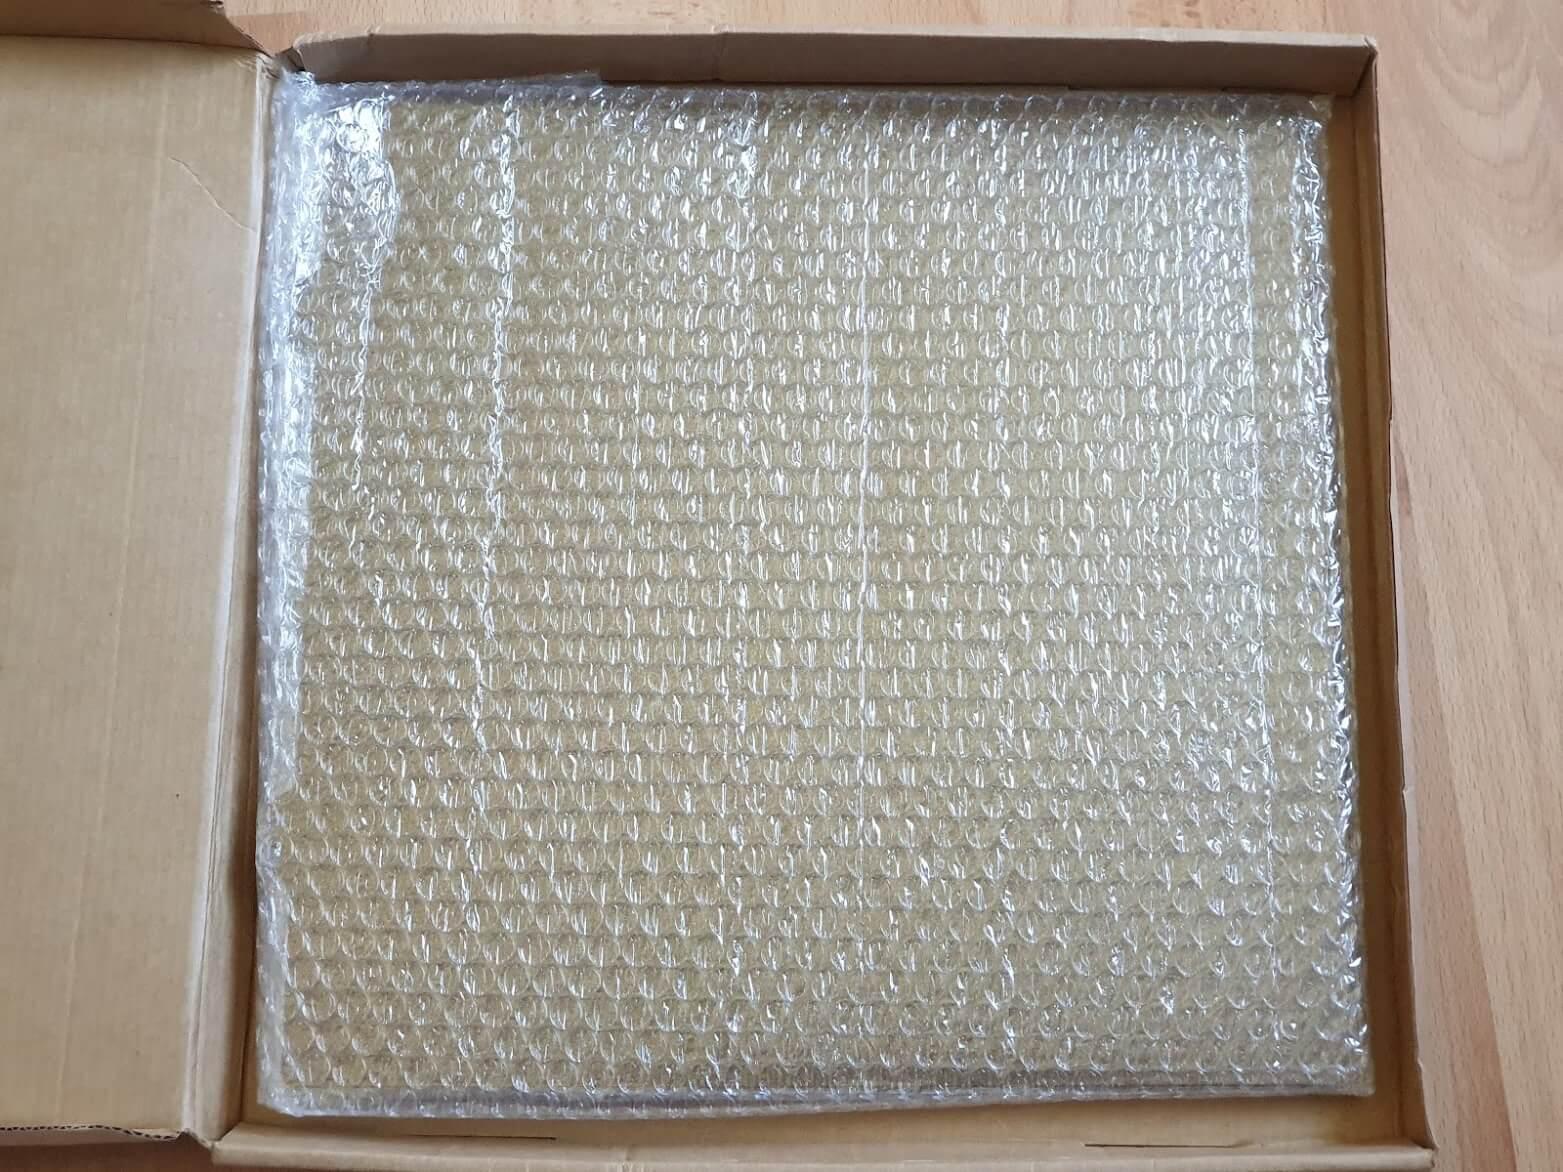 Textured PEI Powder Steel Plate Pacakging 1 | Textured PEI Powder Steel Plate from Banggood